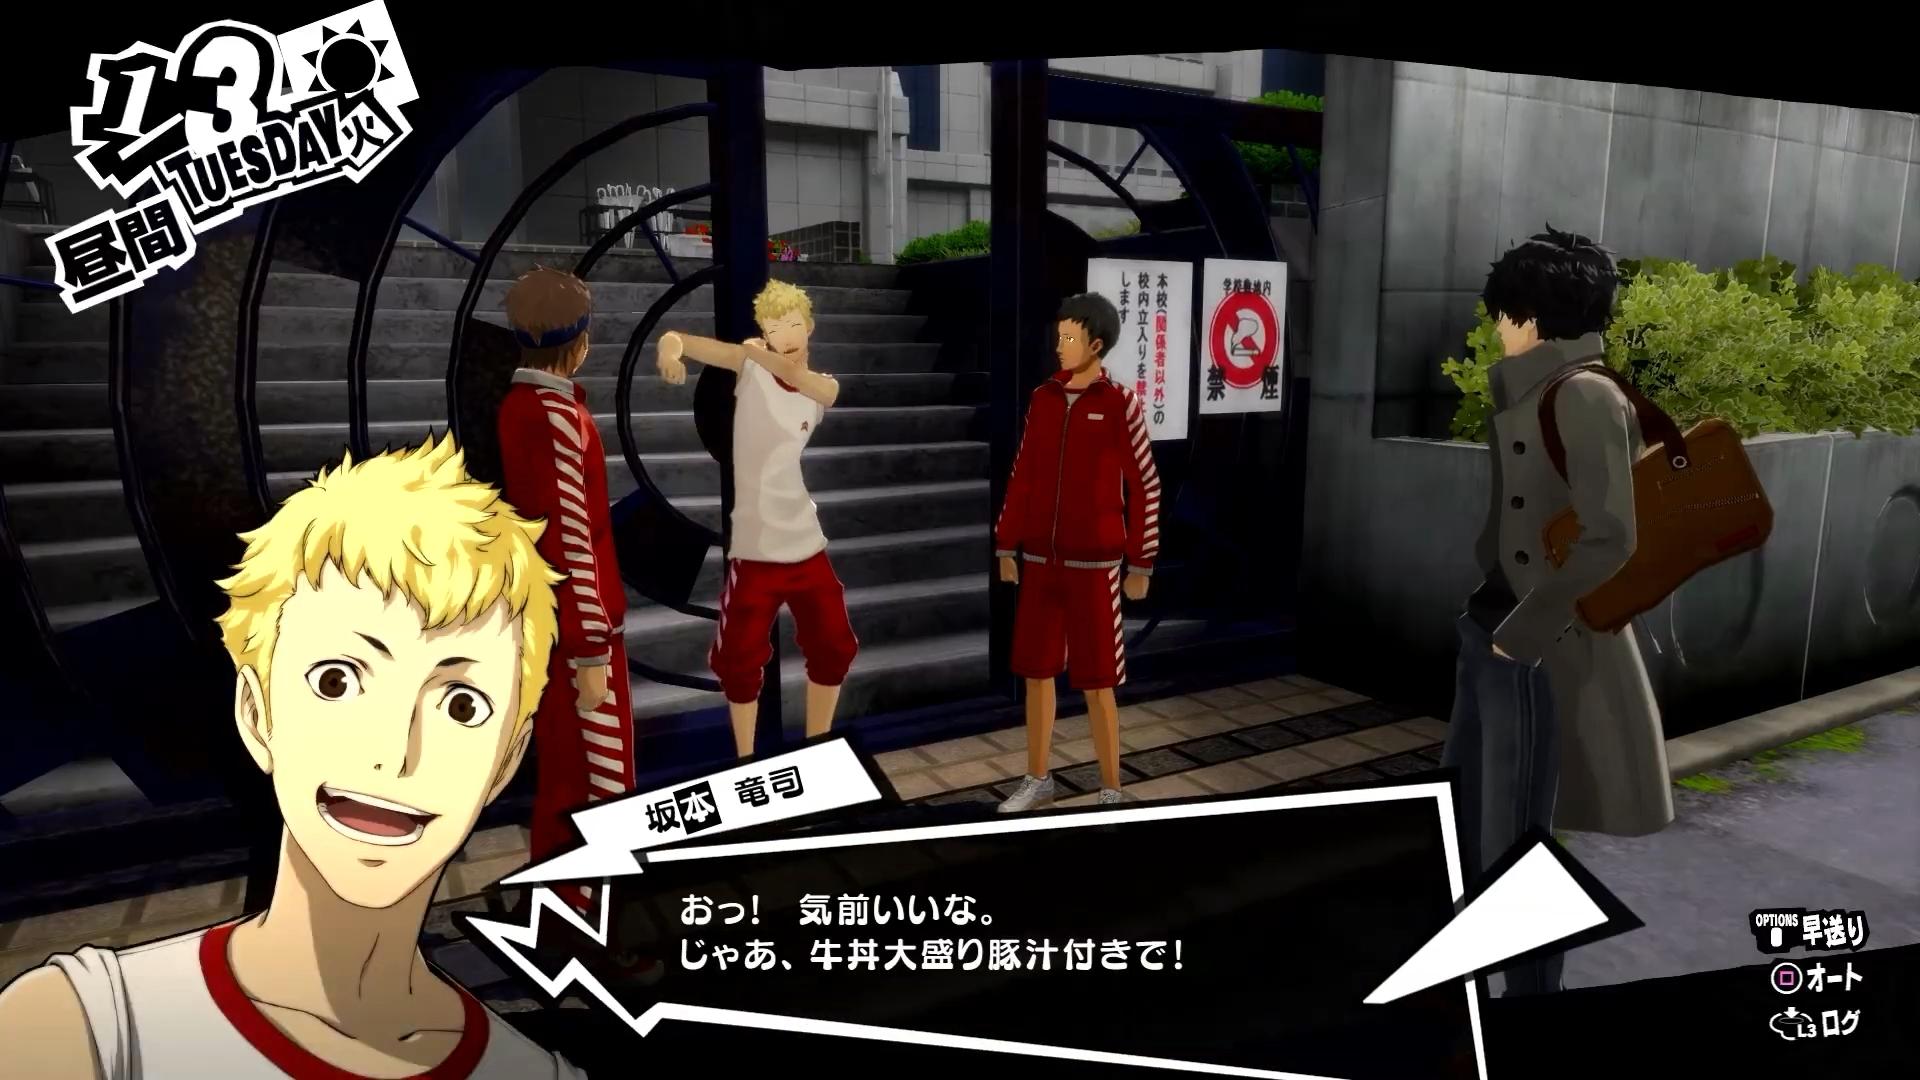 Persona 5 8.jpg - Persona 5